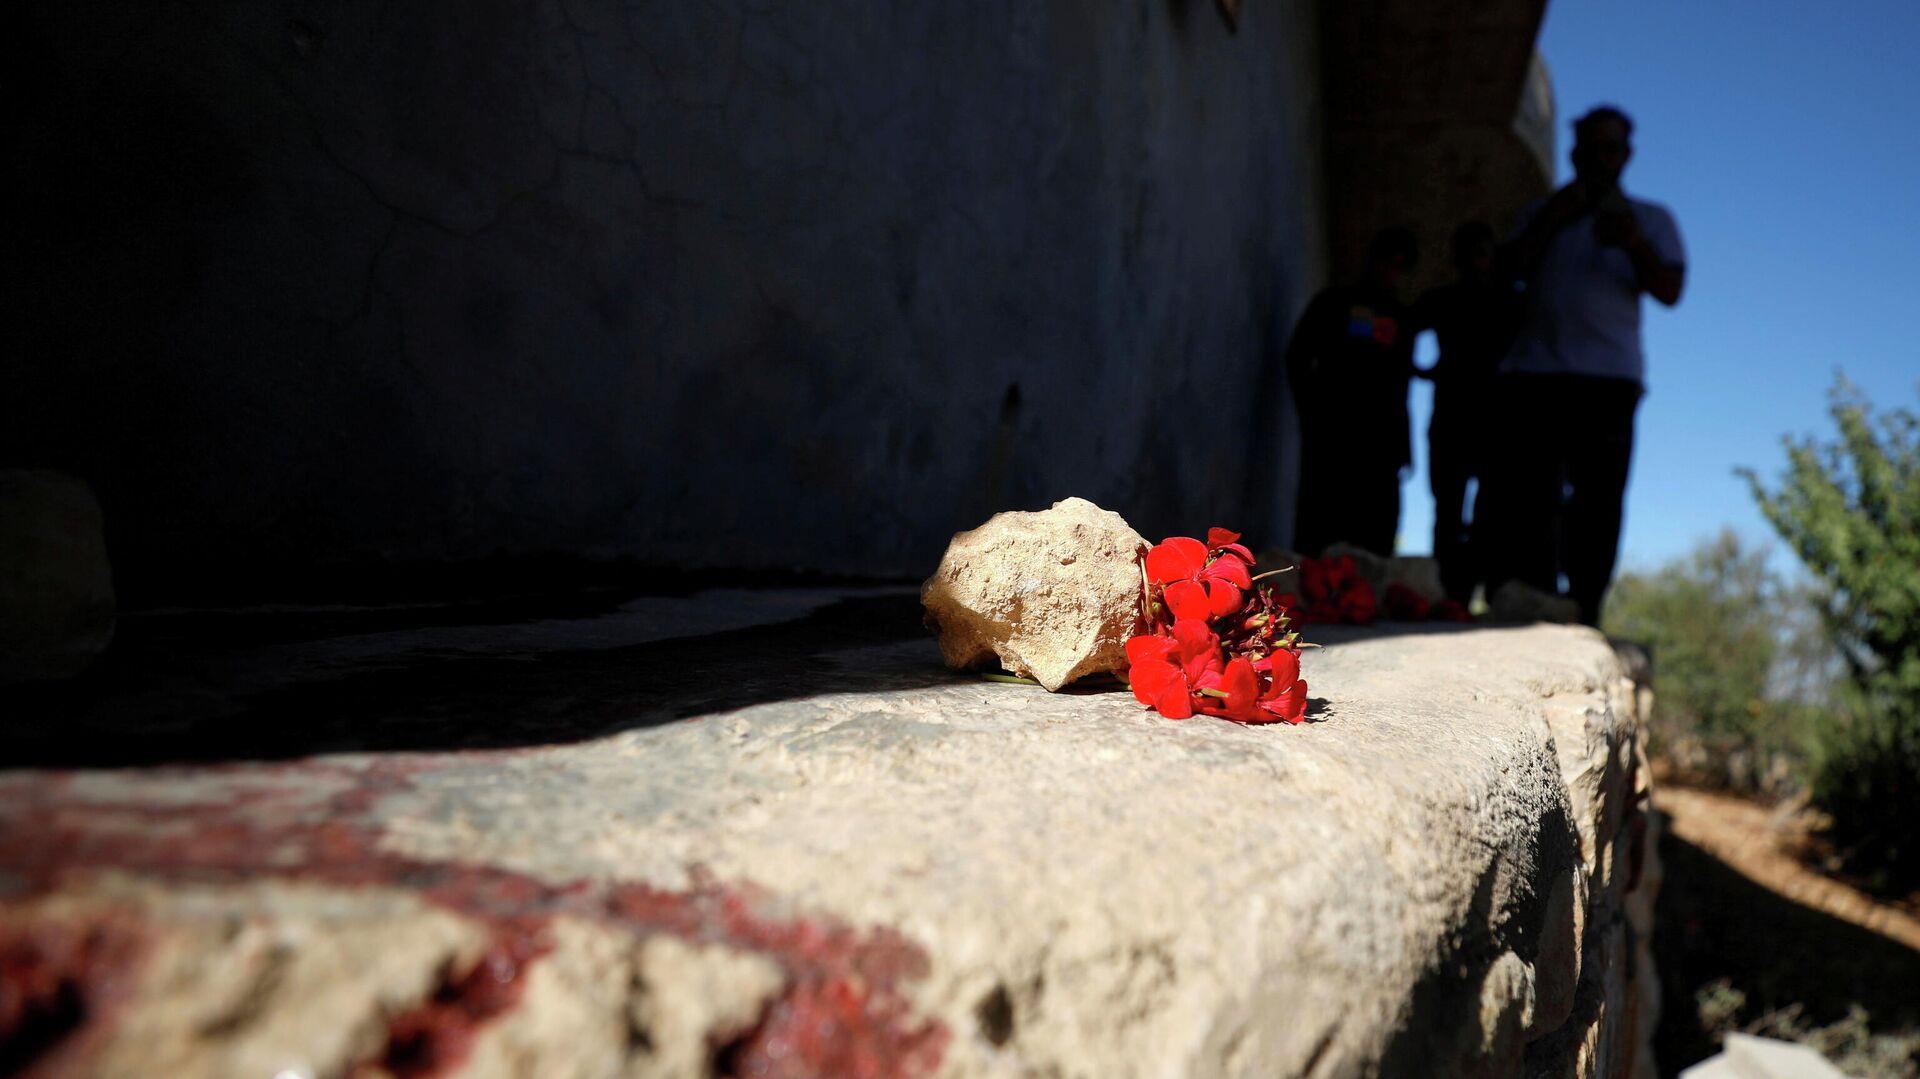 Ein Ort in Beit Anan im Westjordanland, wo militante Hamas-Kämpfer im Rahmen des israelischen Einsatzes getötet wurden - SNA, 1920, 26.09.2021